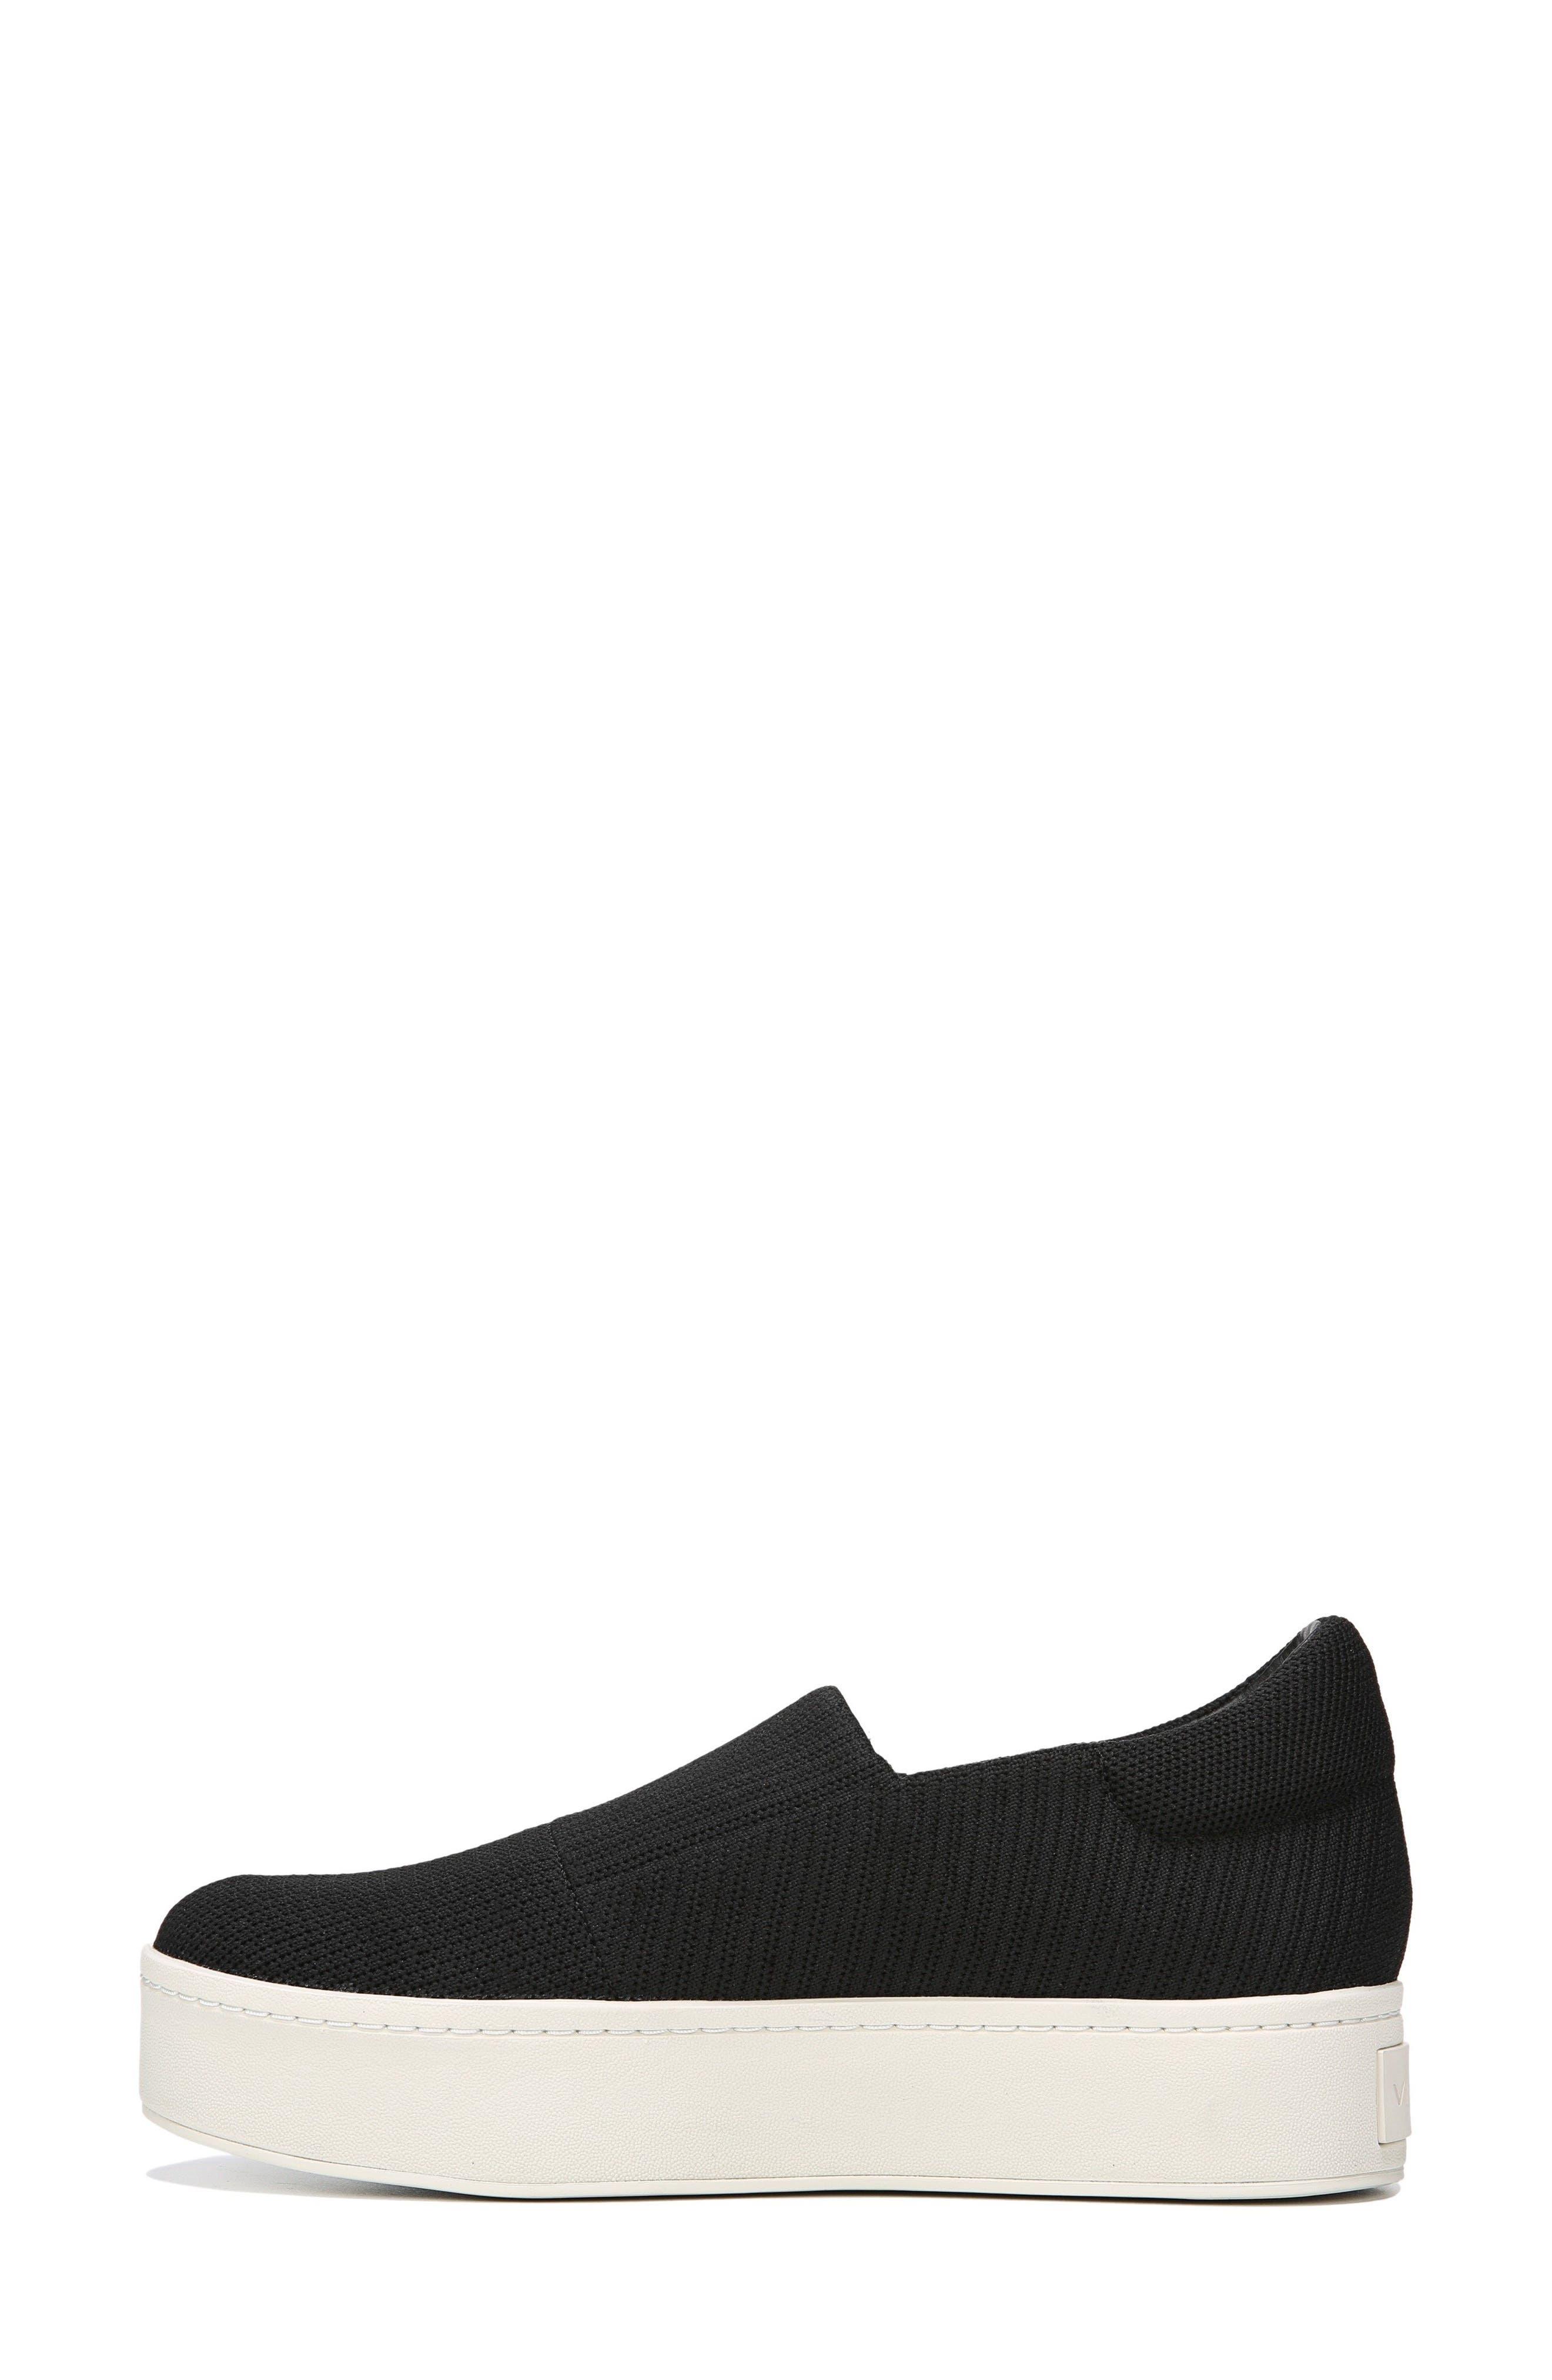 Walsh Slip-On Sneaker,                             Alternate thumbnail 3, color,                             001